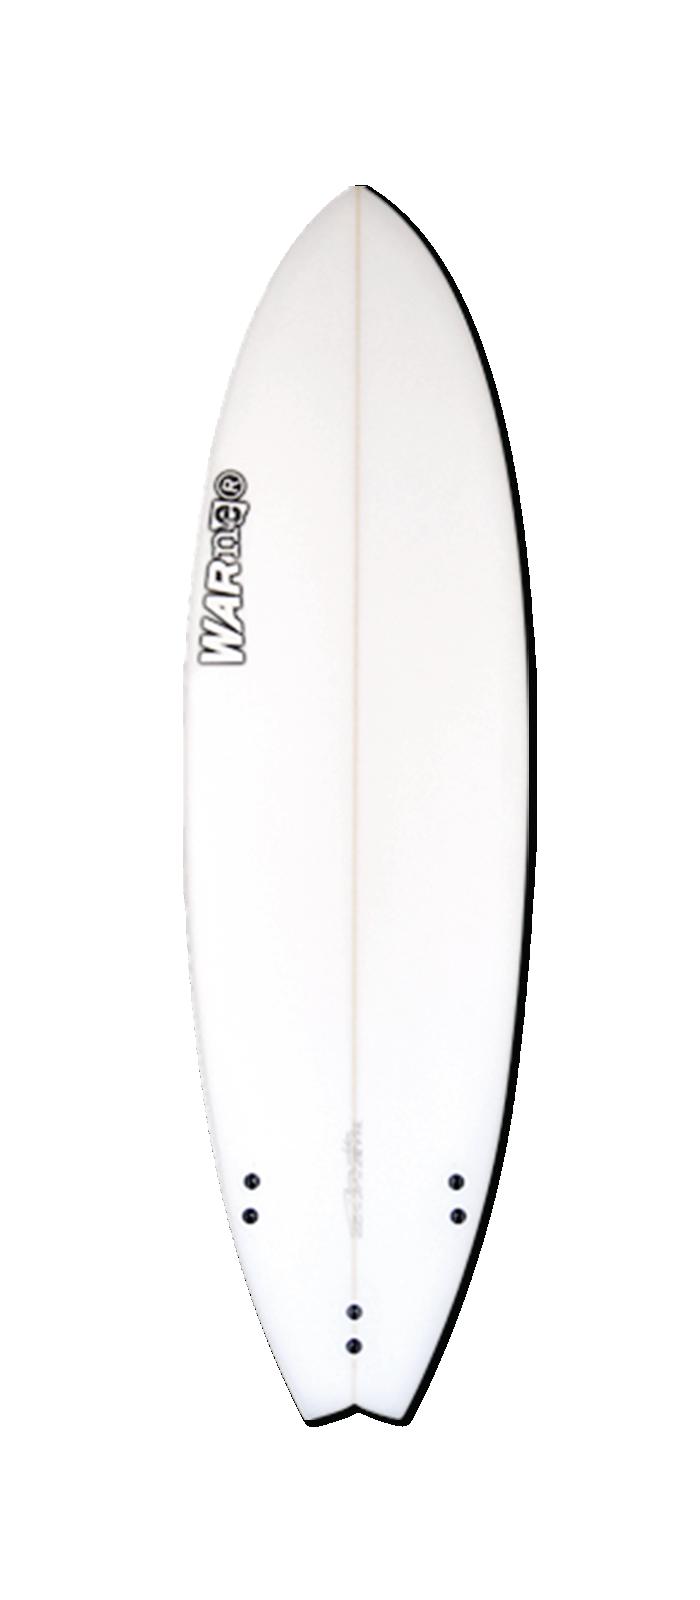 FTR surfboard model bottom